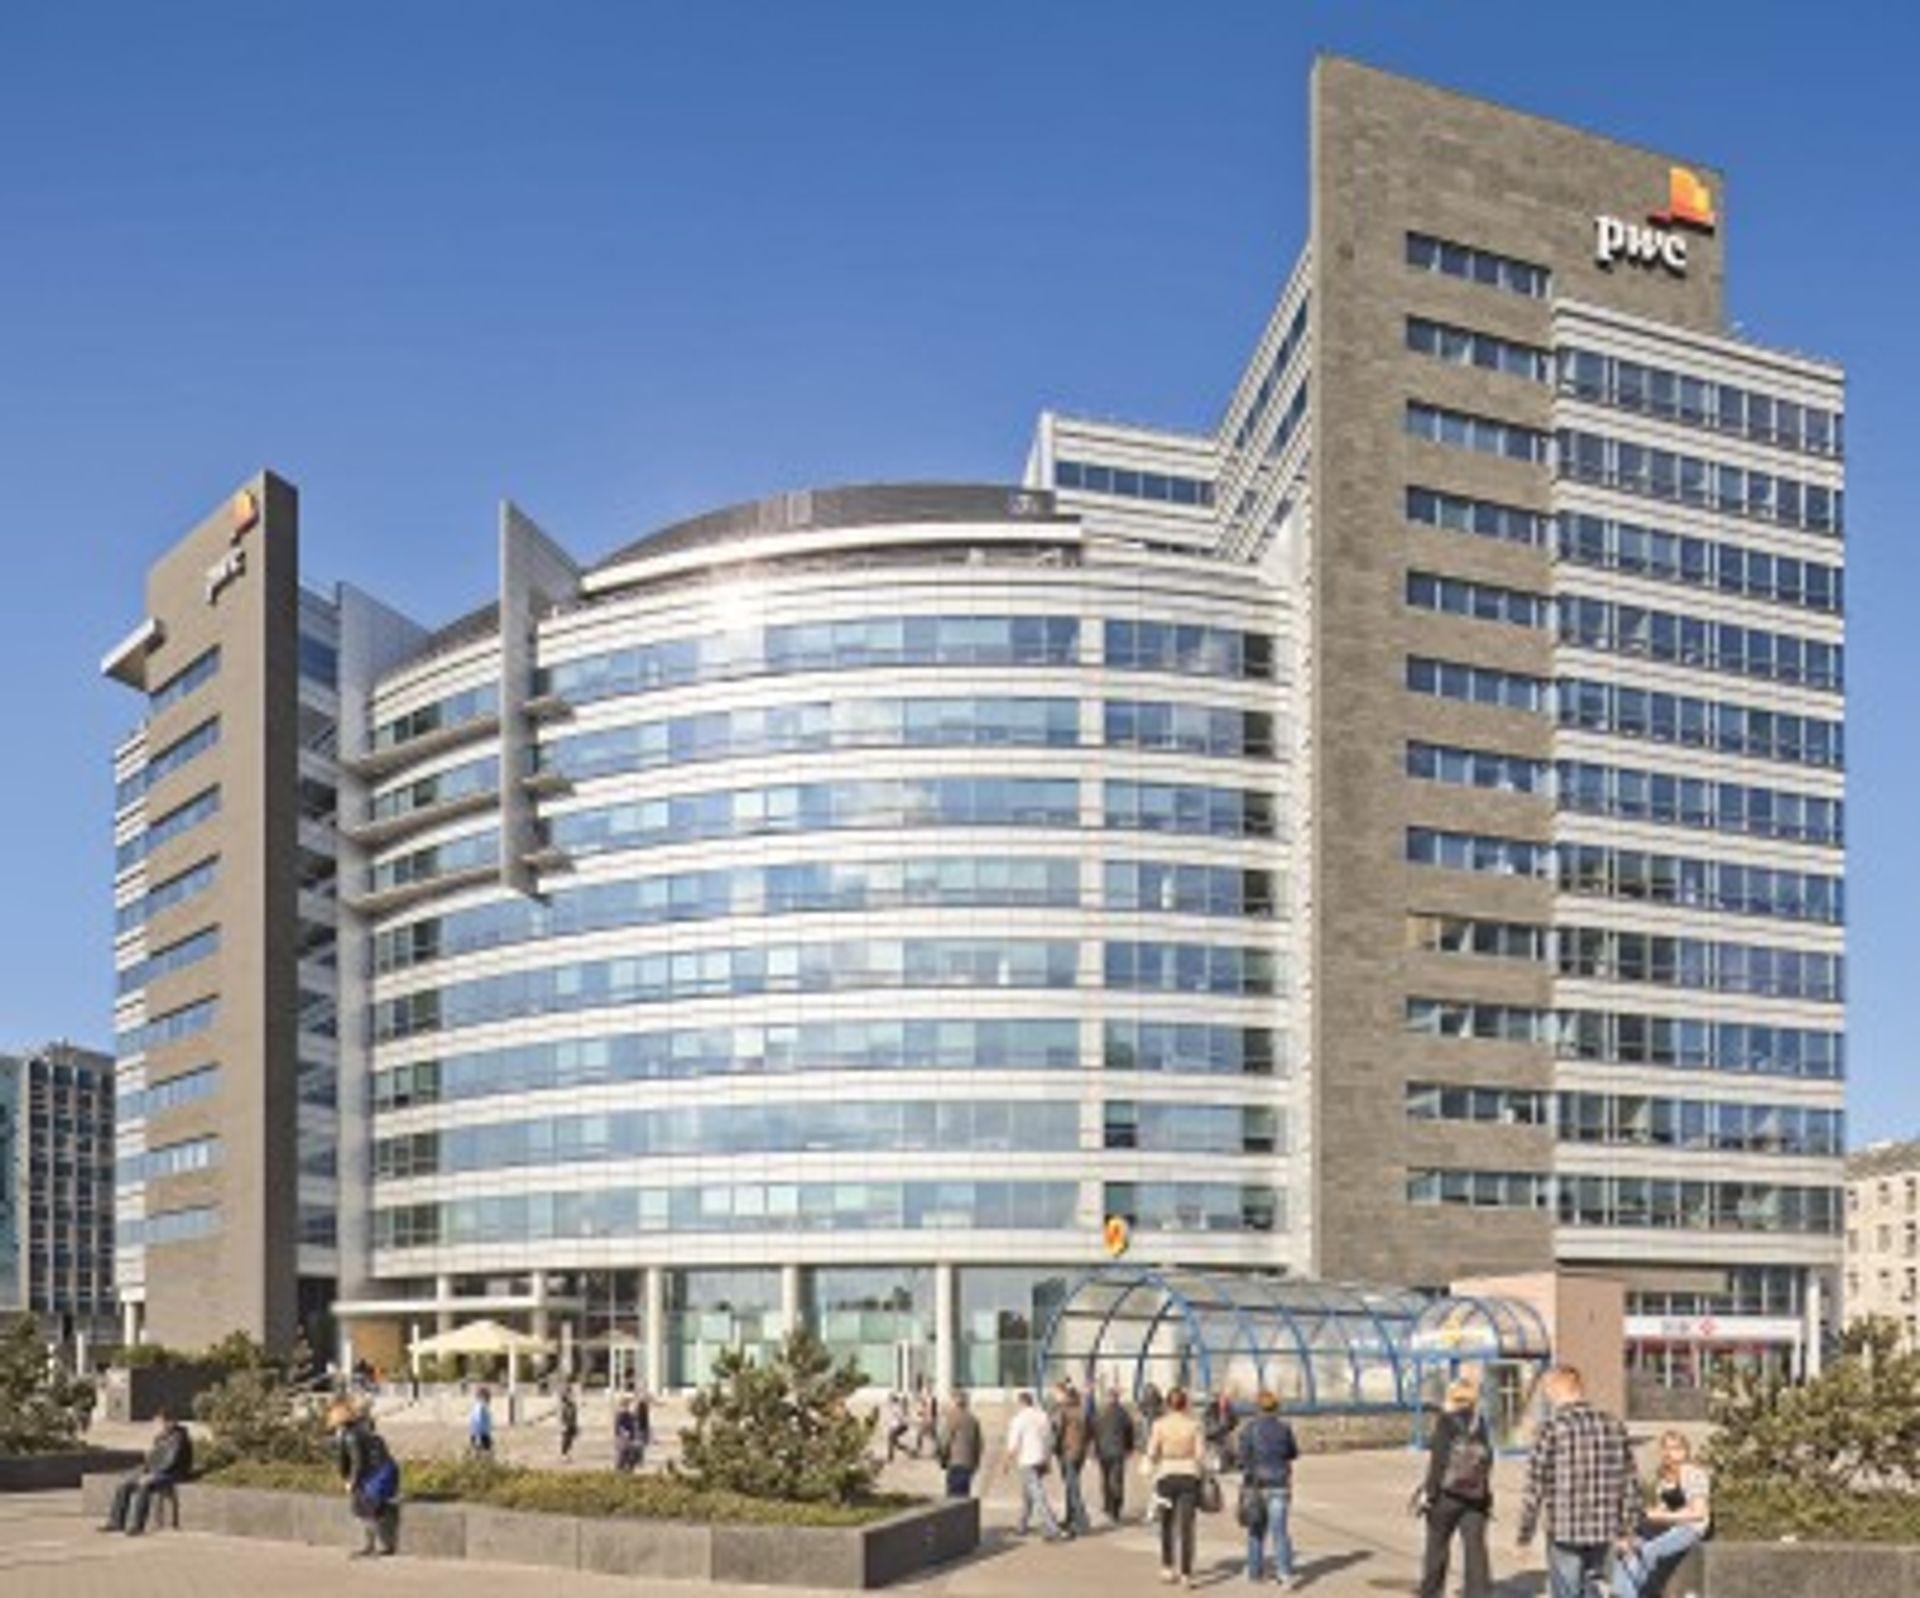 [Polska] Jones Lang LaSalle analizuje transakcje inwestycyjne na polskim rynku nieruchomości komercyjnych w 2012 roku